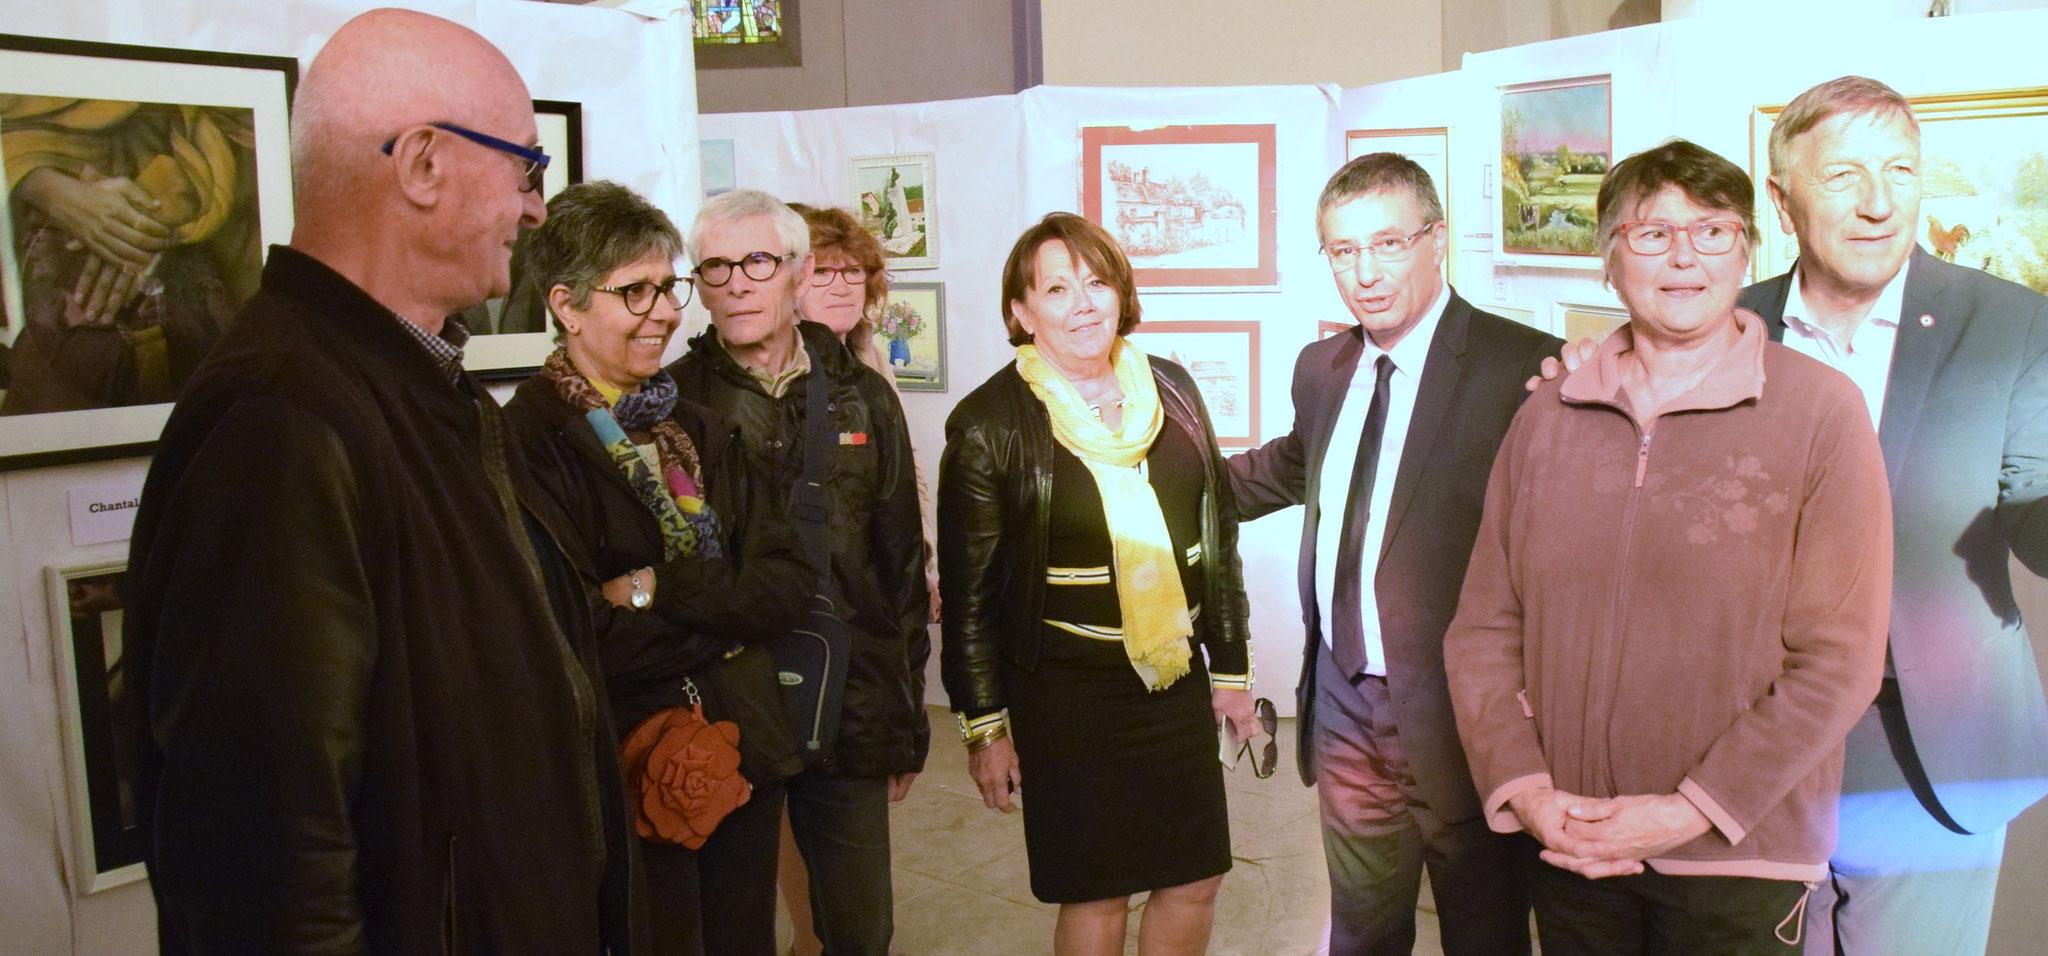 A gauche : Jacques Rollinet. Au centre : Michèle Fuselier, avec à sa gauche : Nicolas Fricoteaux. A droite : Jacques Krabal.